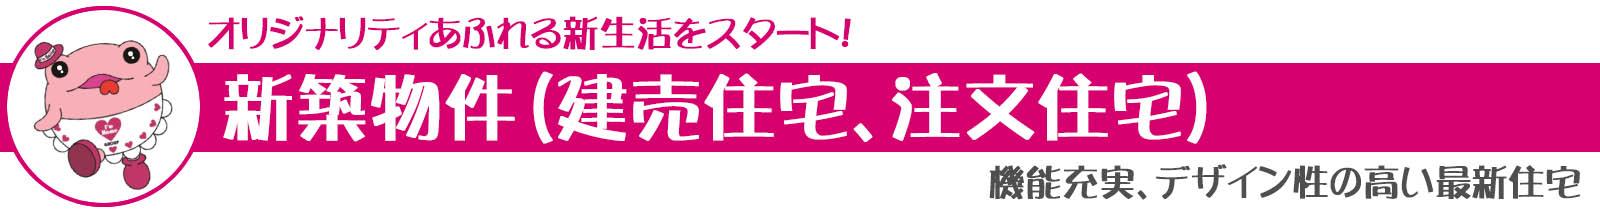 埼玉県日高市近郊の新築物件を探そう